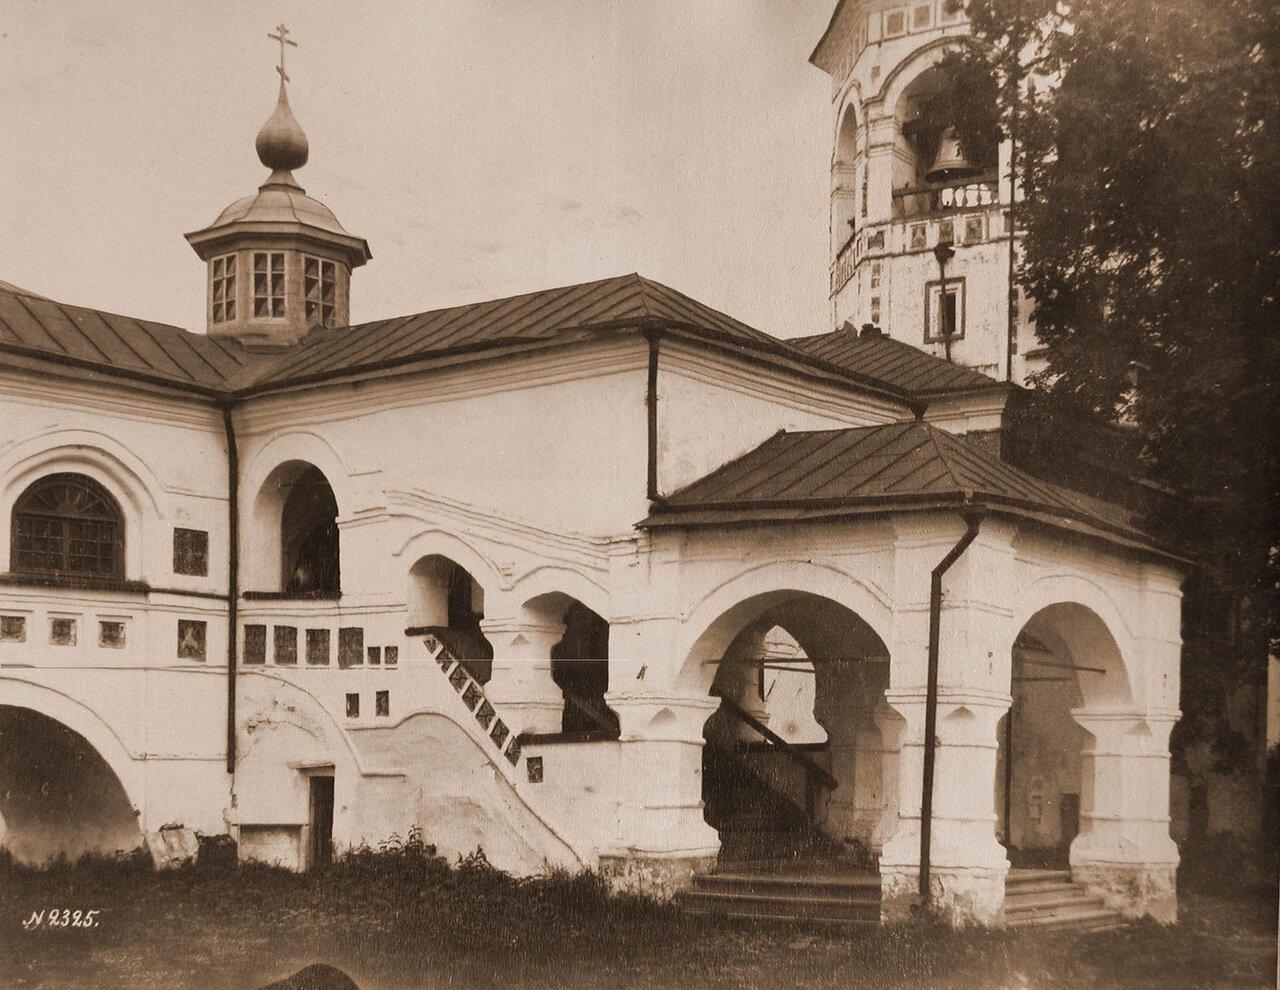 Вид части крытой галереи в Николо-Вяжищском монастыре